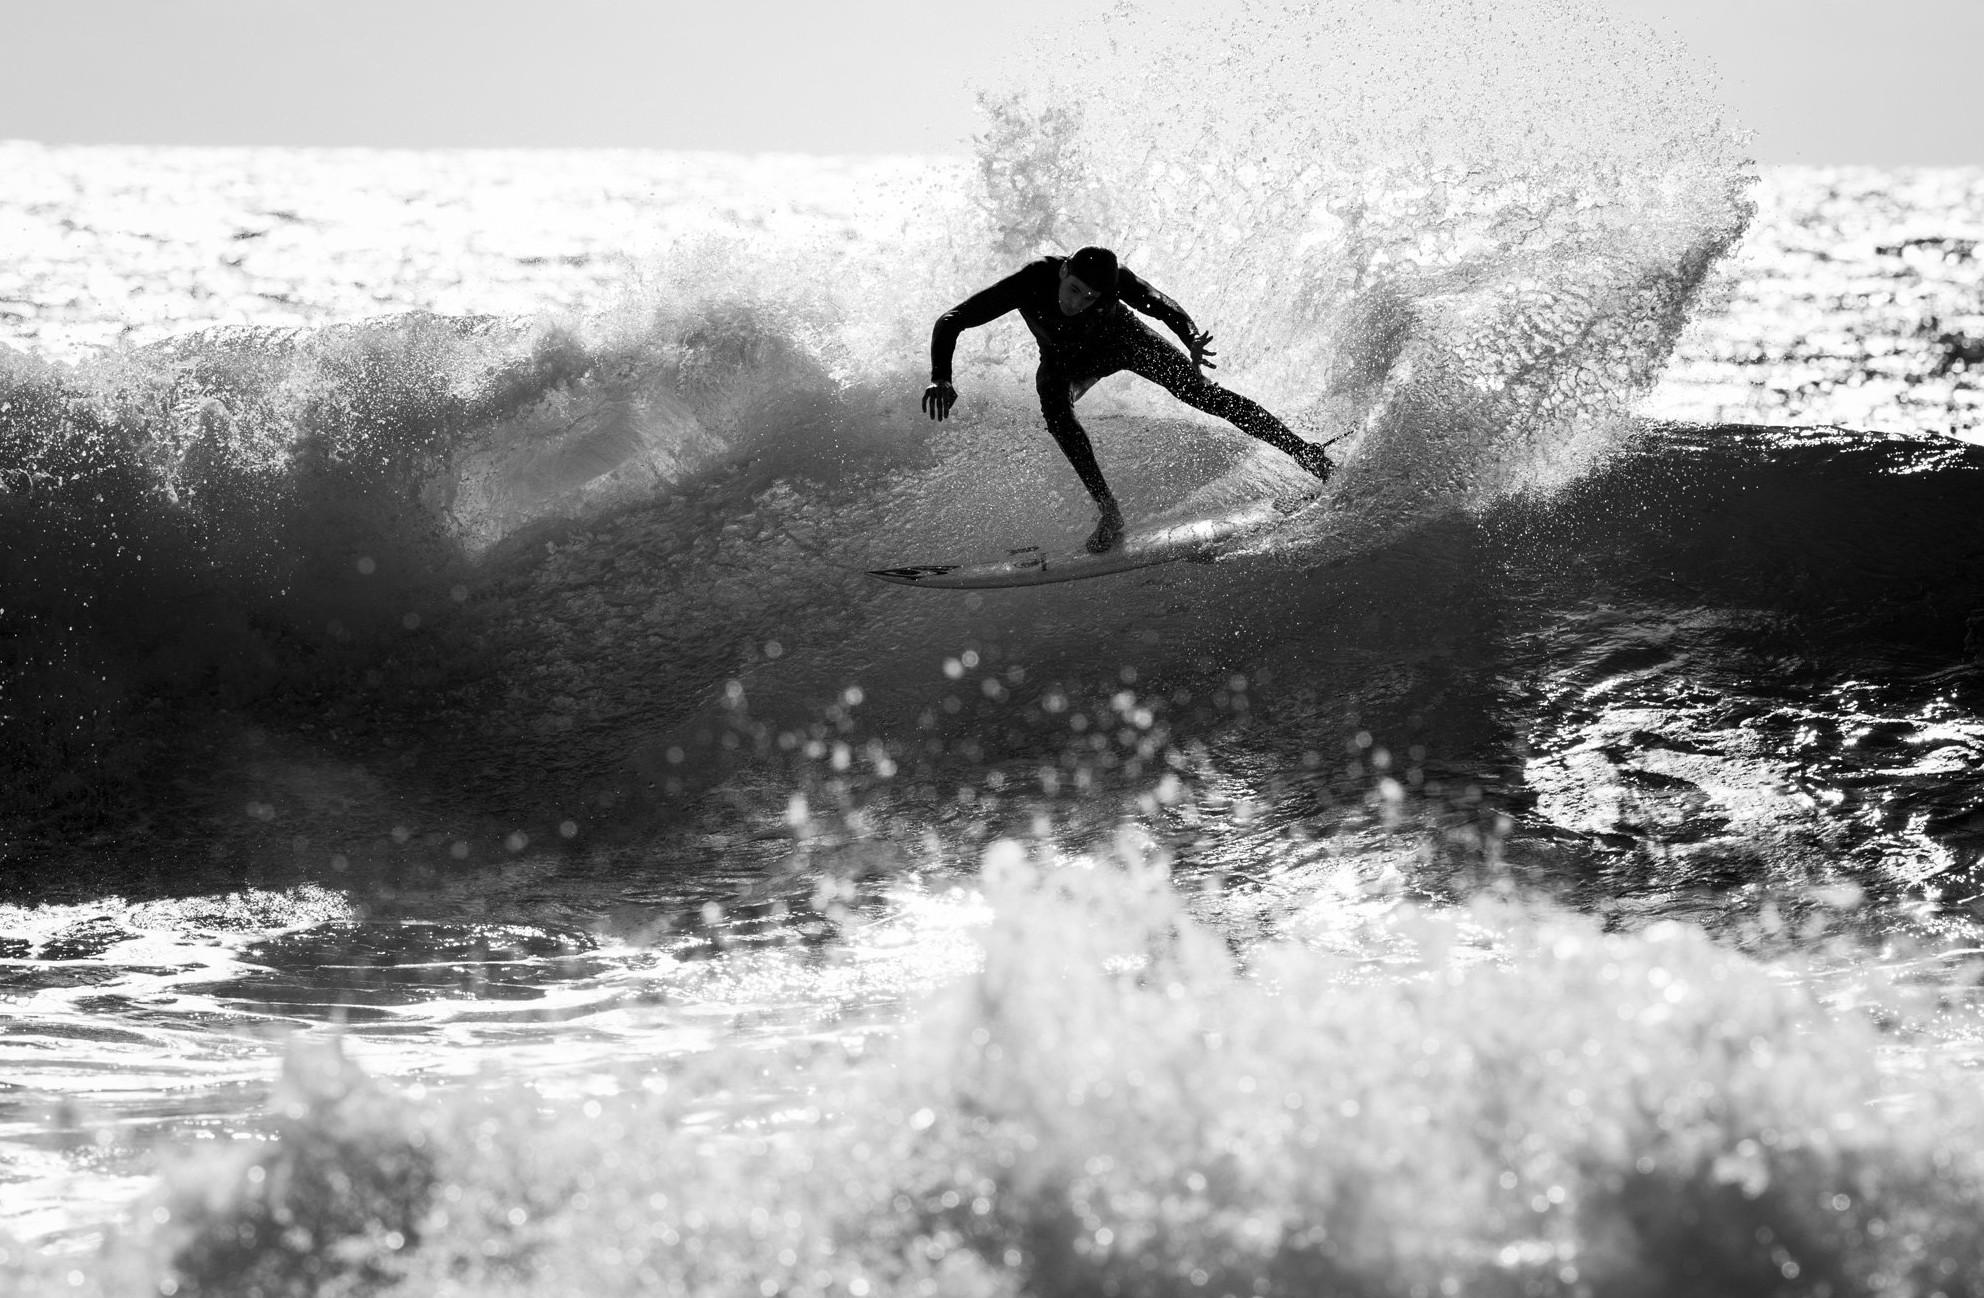 Mit solchen Cutbacks stehen Marcs Chancen nicht schlecht, bei der diesjährigen Surf DM seinen Titel zu verteidigen. Foto: Patrick Steiner Photography